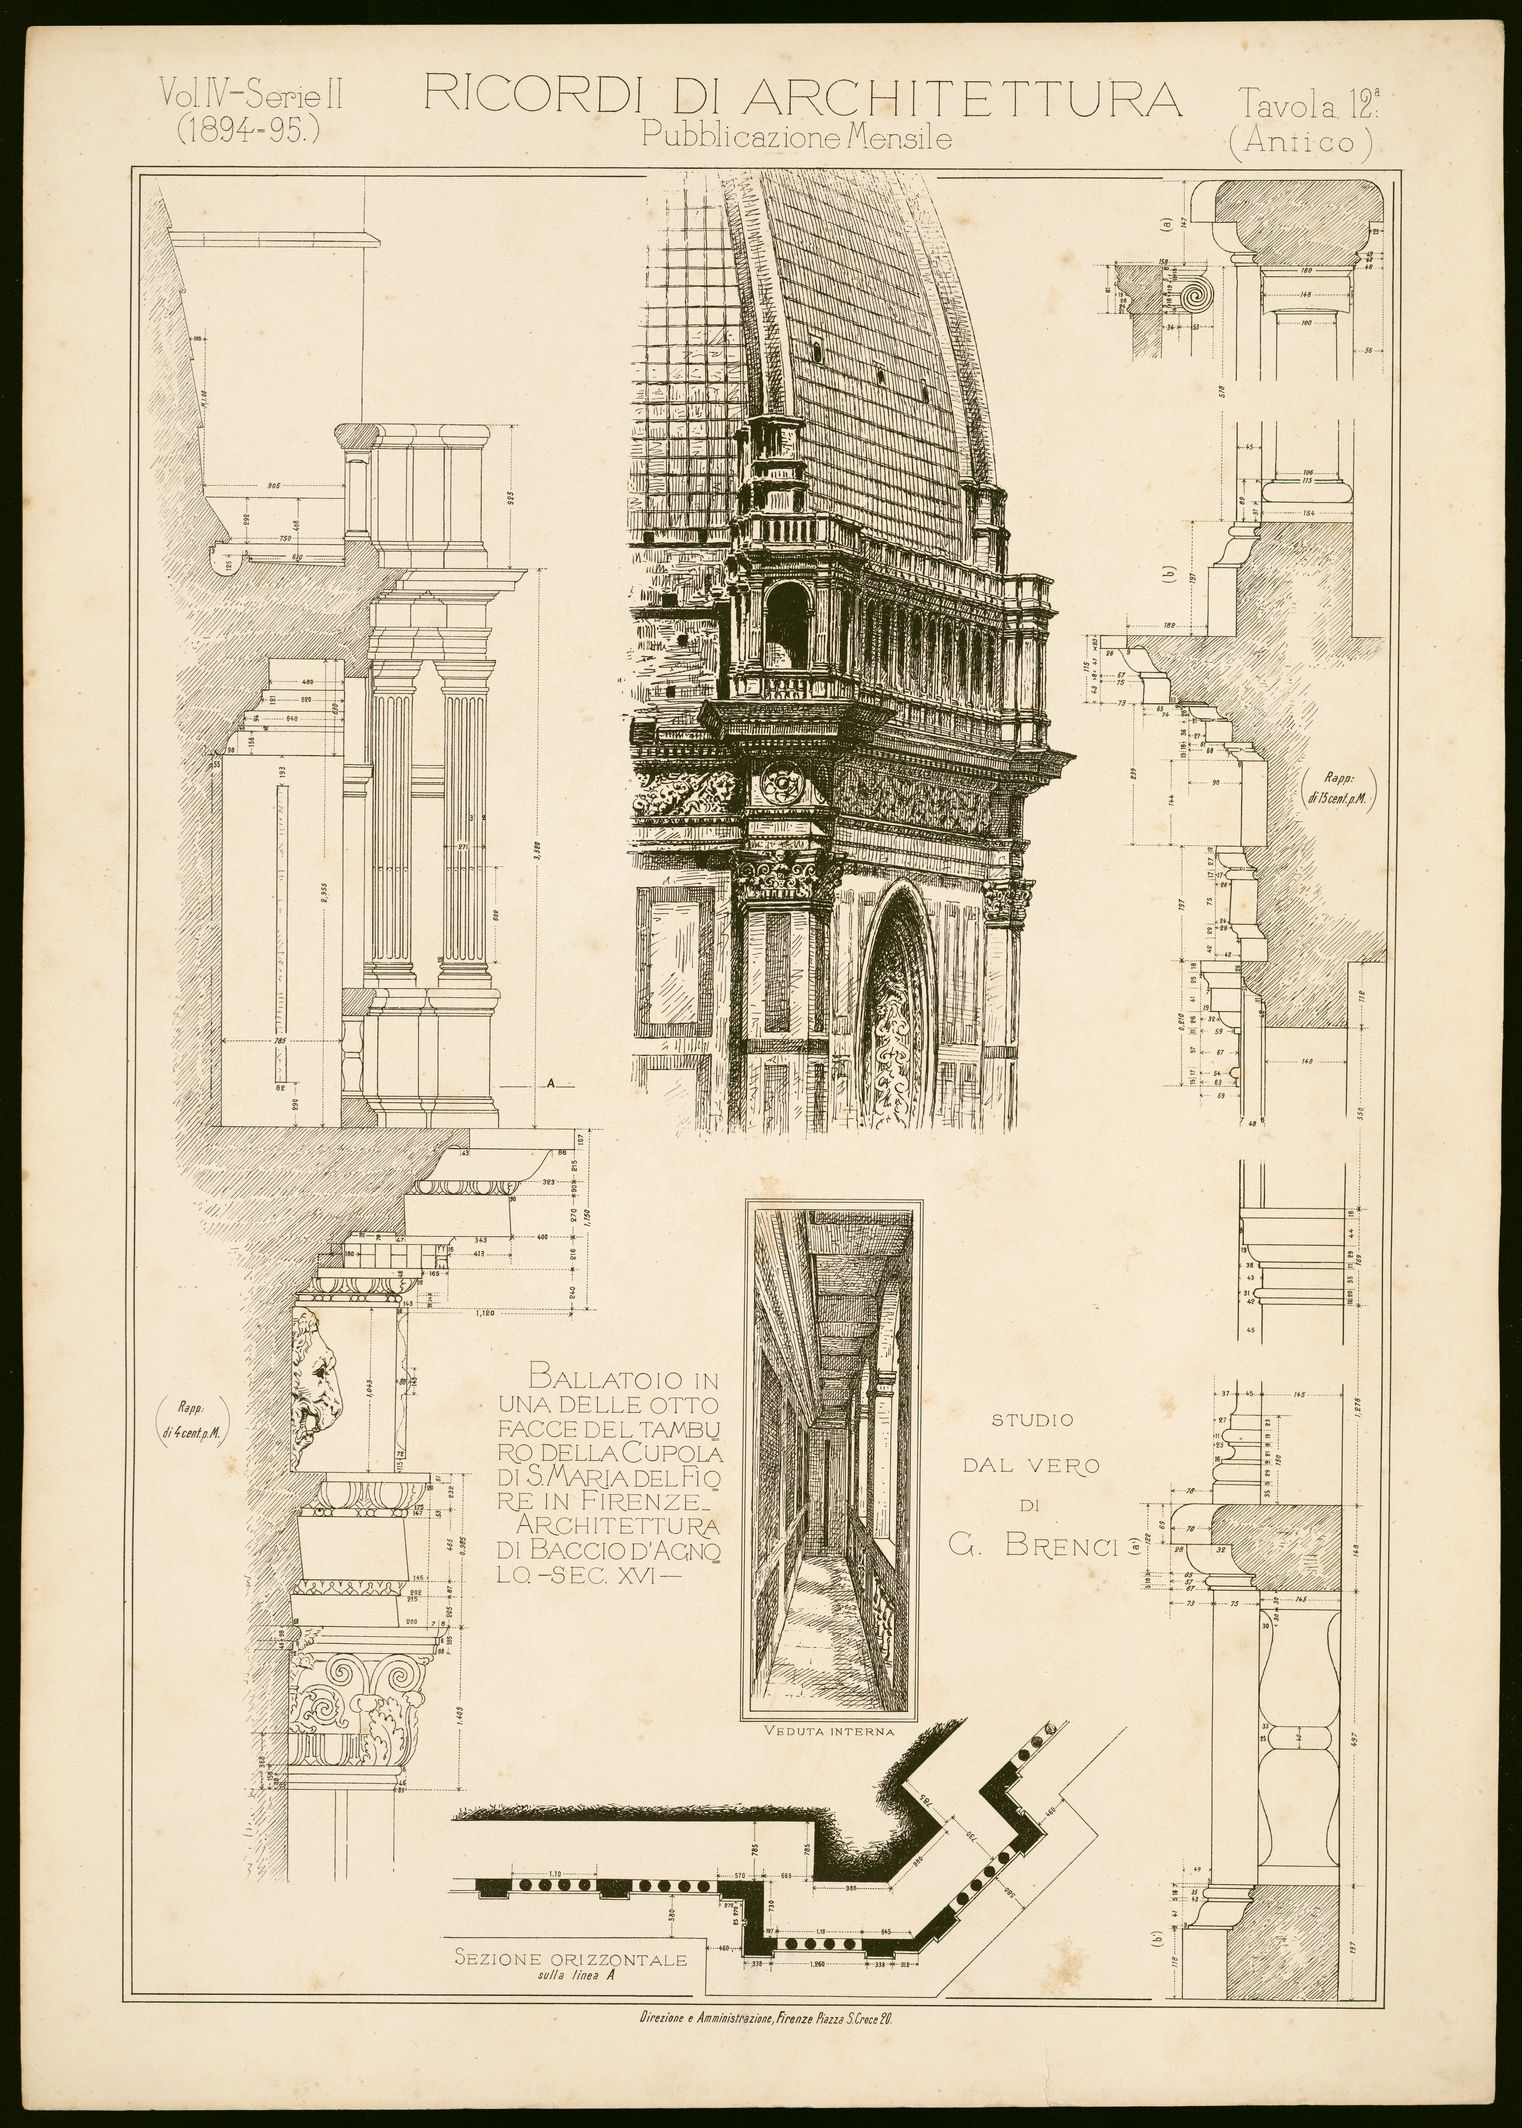 small resolution of ballatoio in una delle otto facce del tamburo della cupola di s maria del fiore in firenze architettura di baccio d agnolo sec xvi veduta